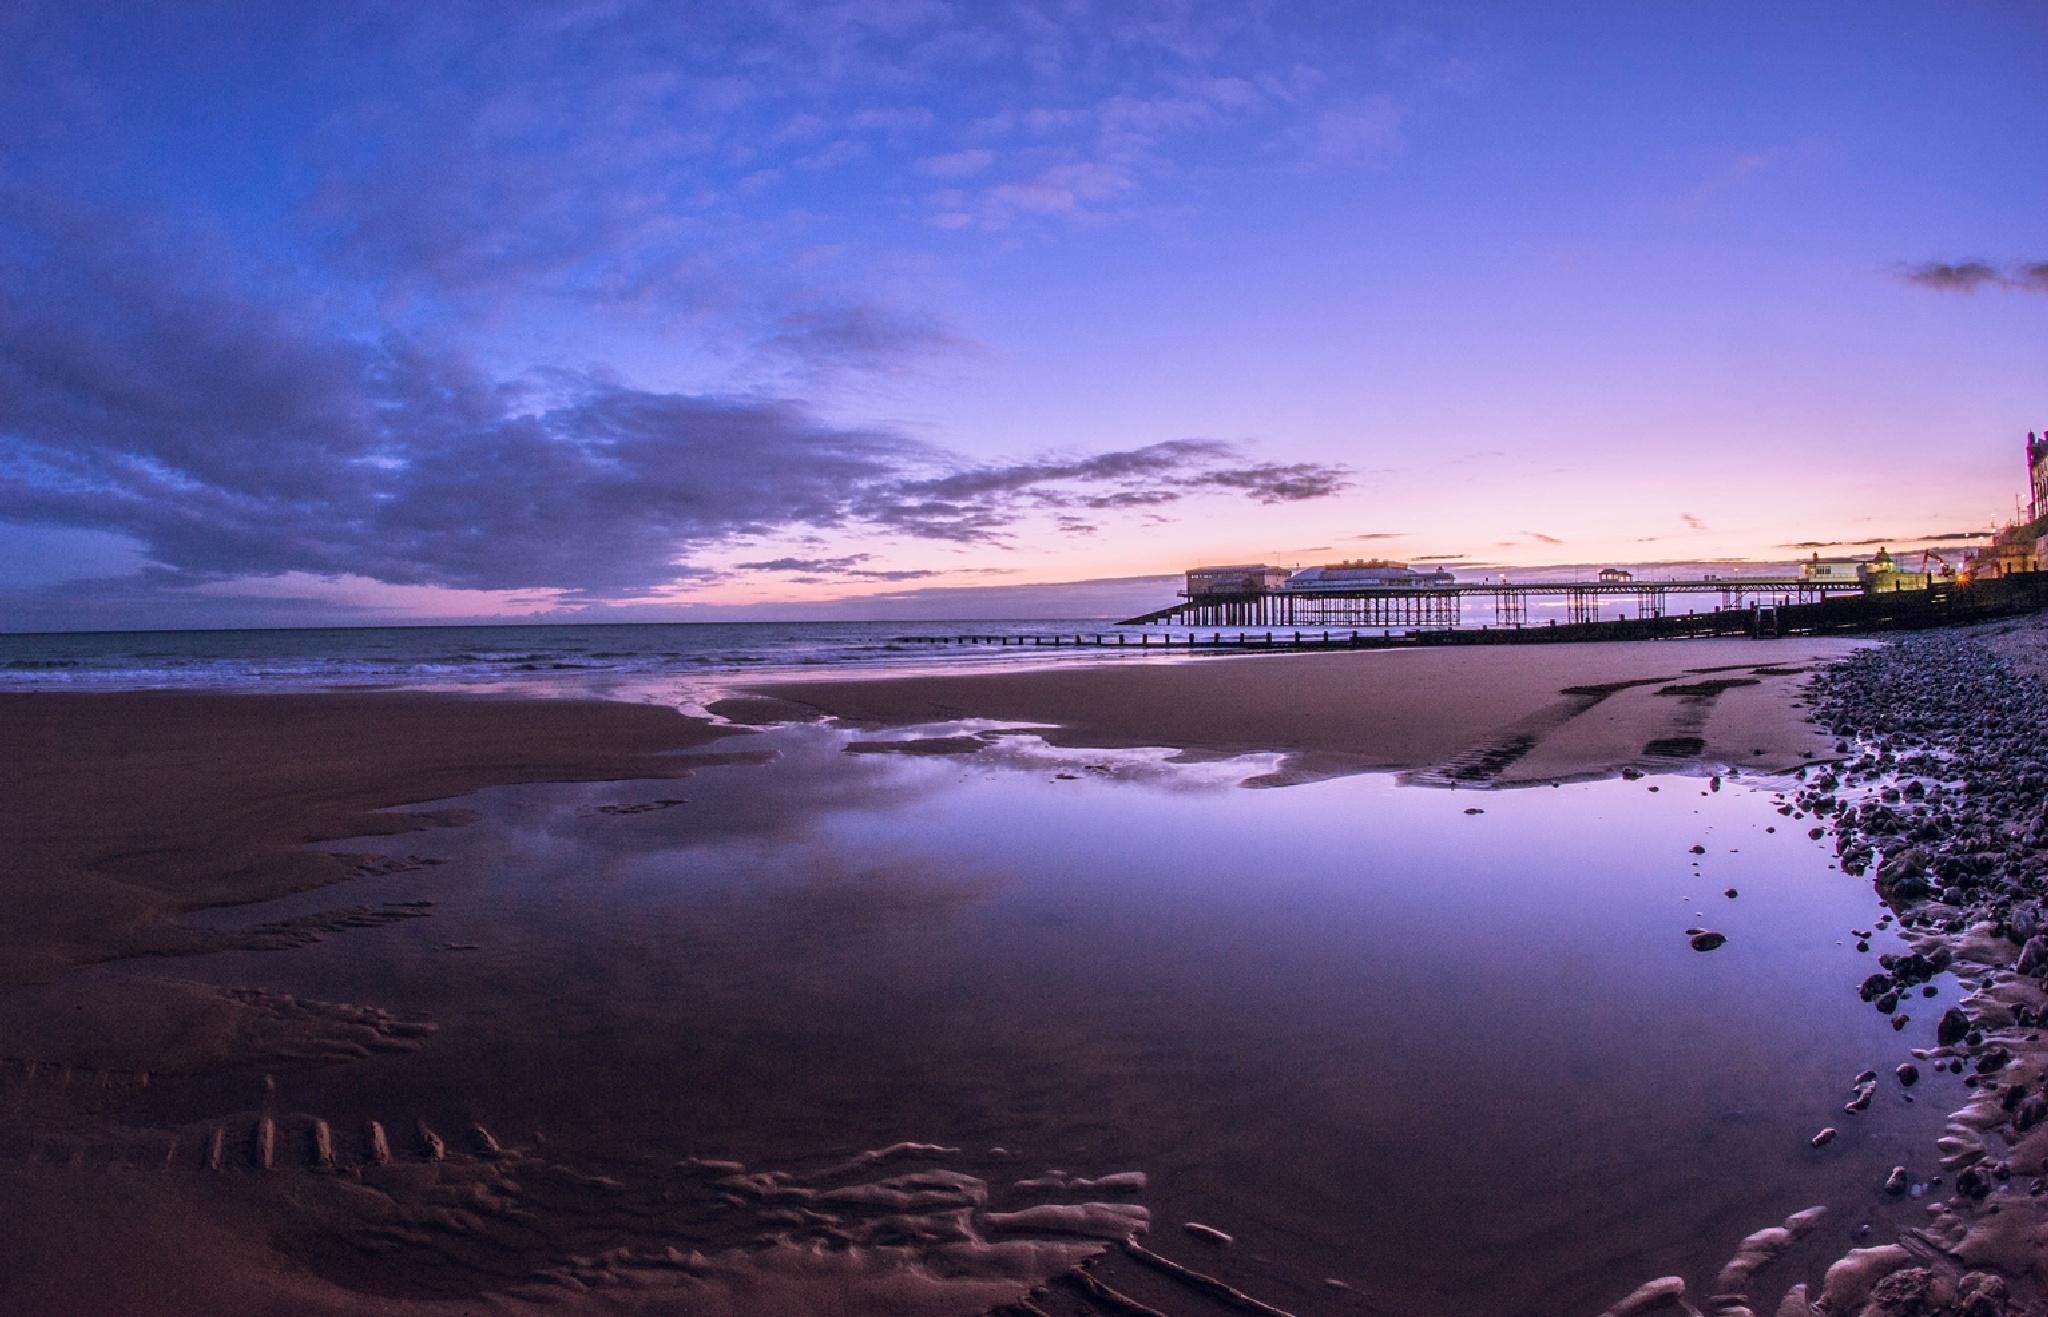 First light on Cromer beach by MrBpix